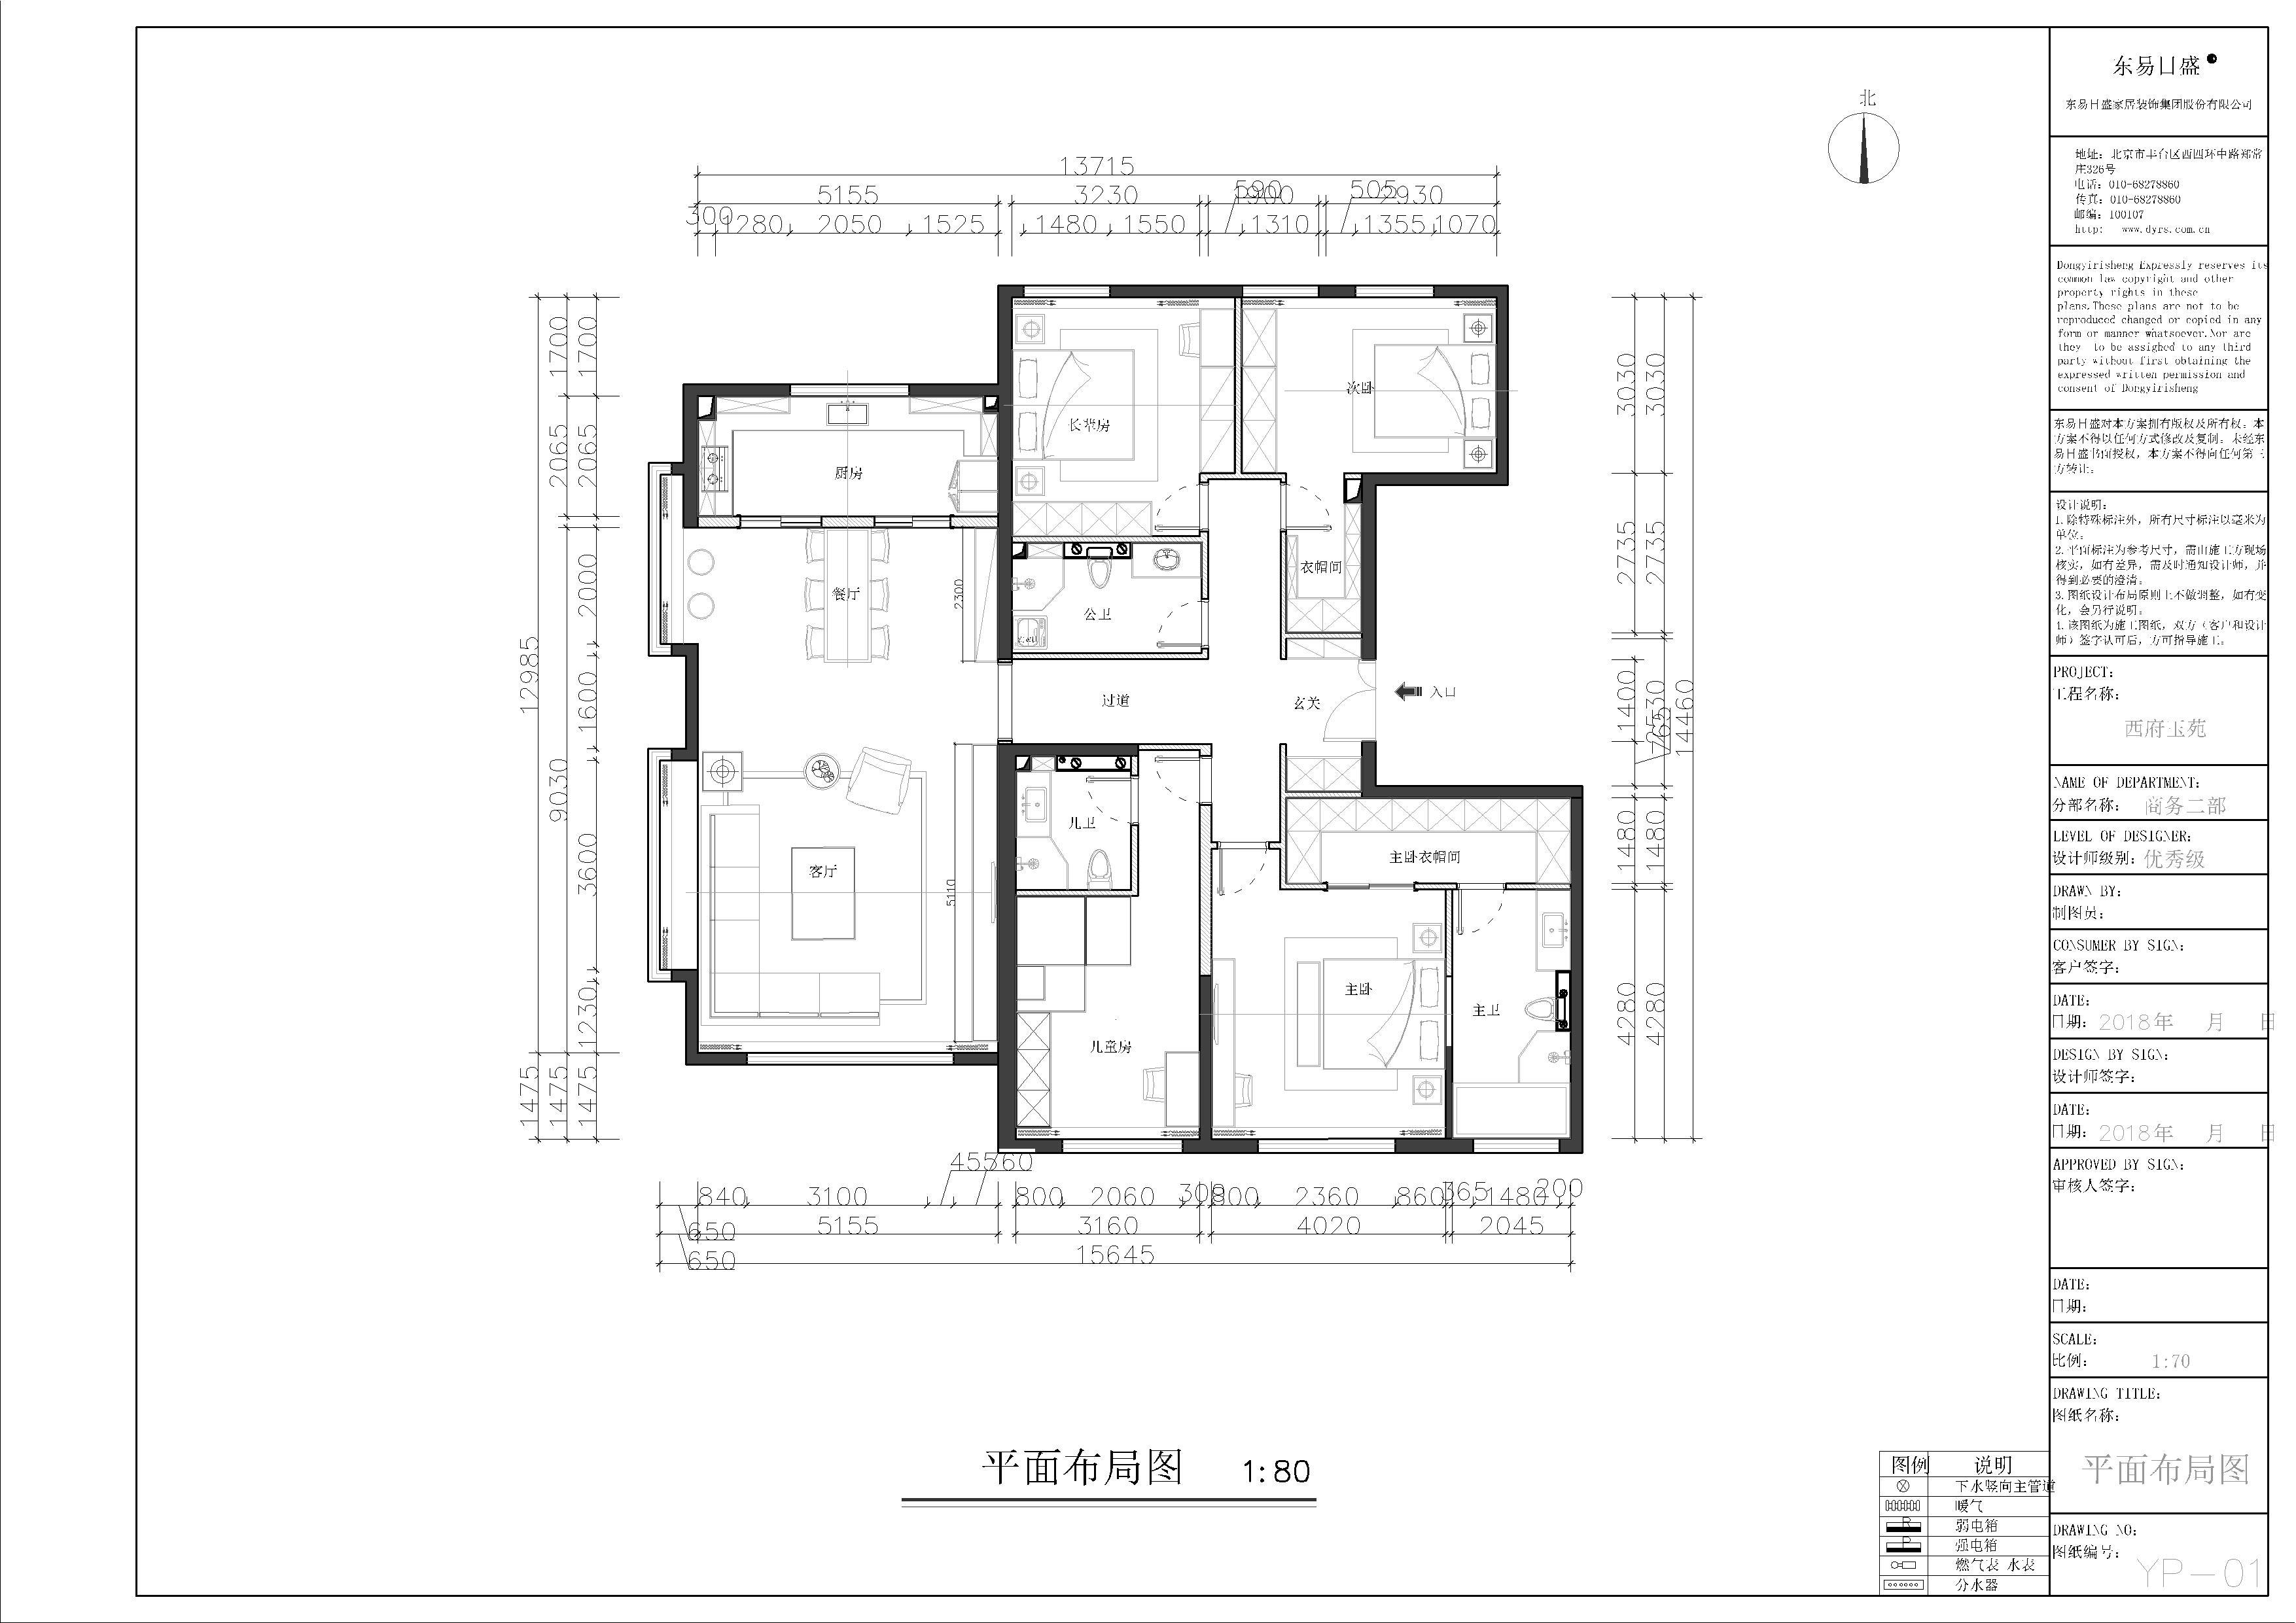 西府大院-197平米-現代風格裝修效果圖裝修設計理念